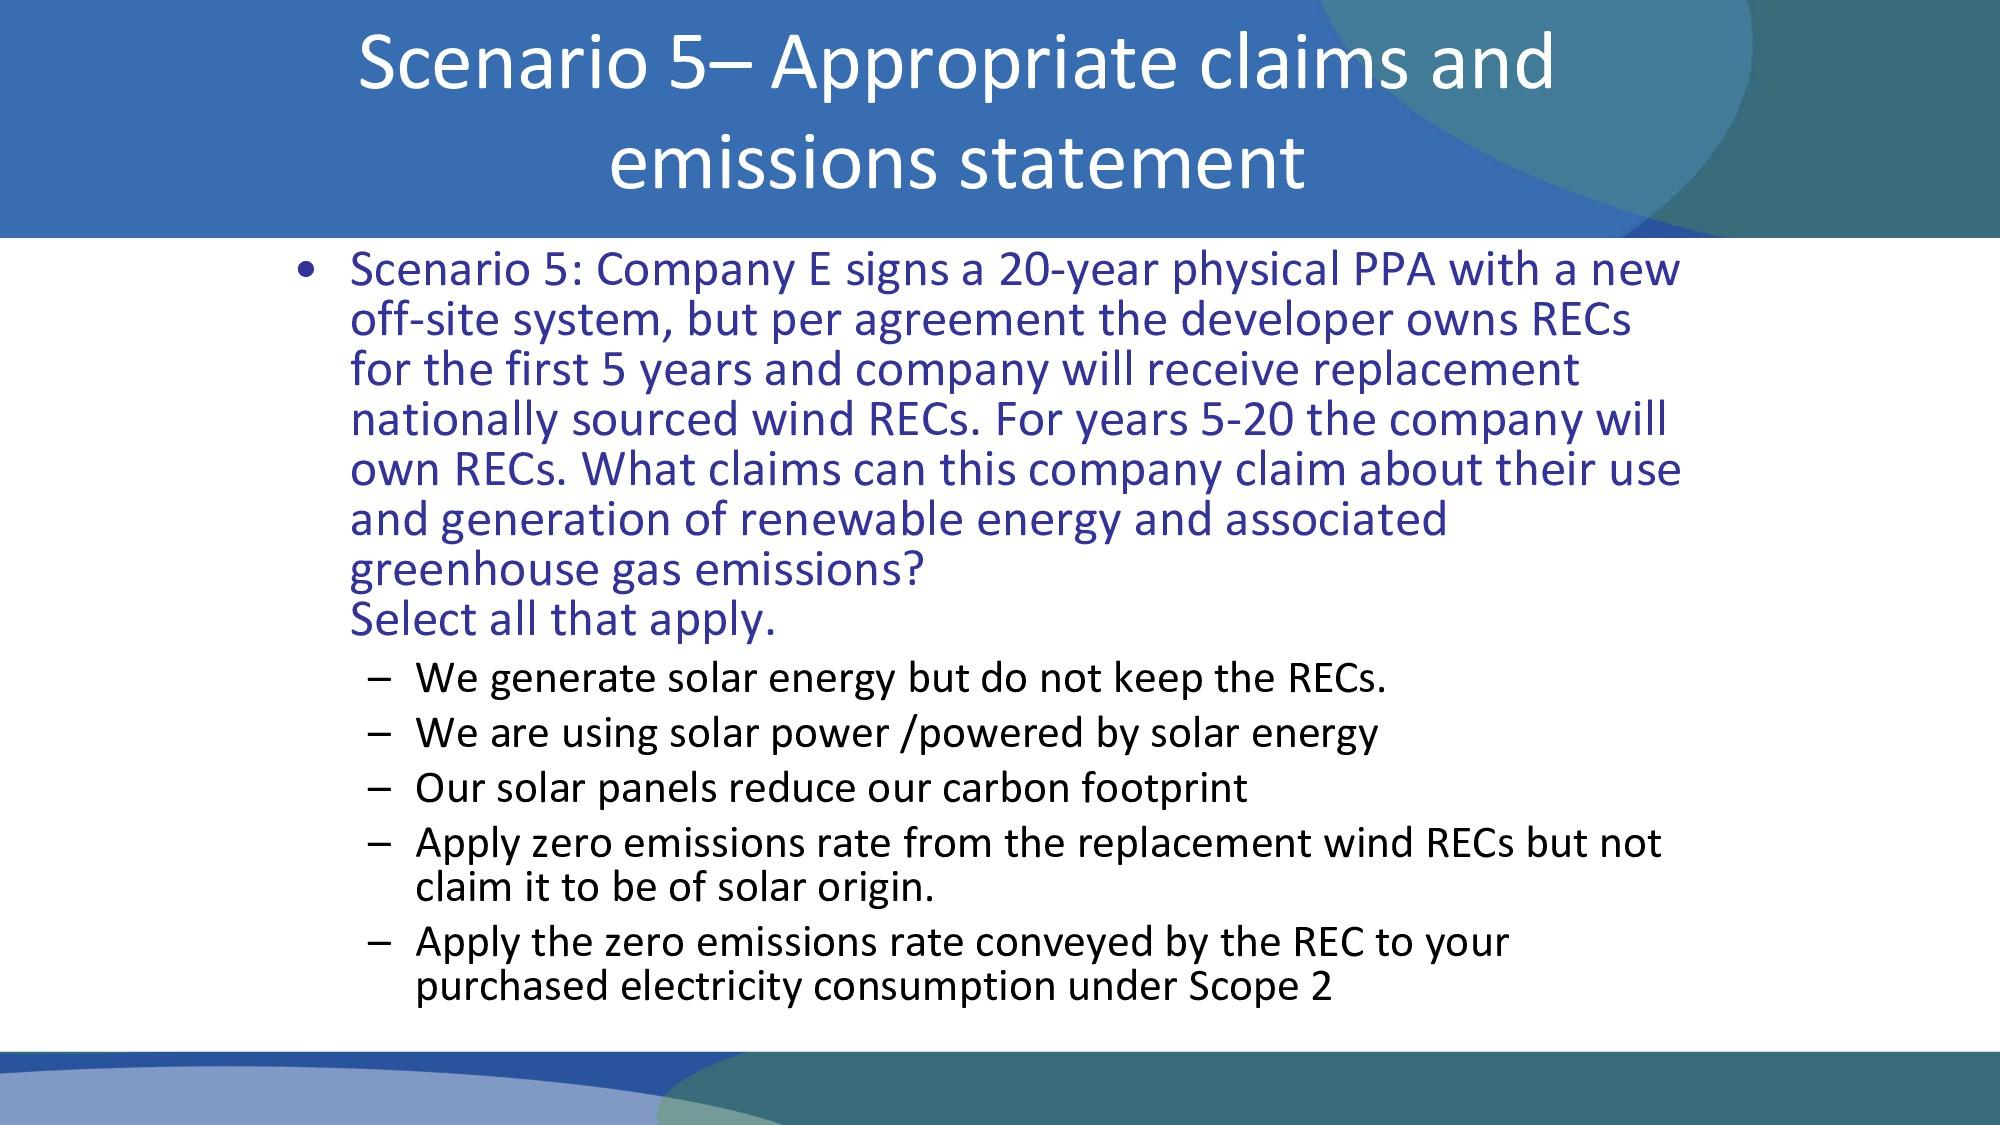 • Scenario 5: Company E signs a 20-year physica...